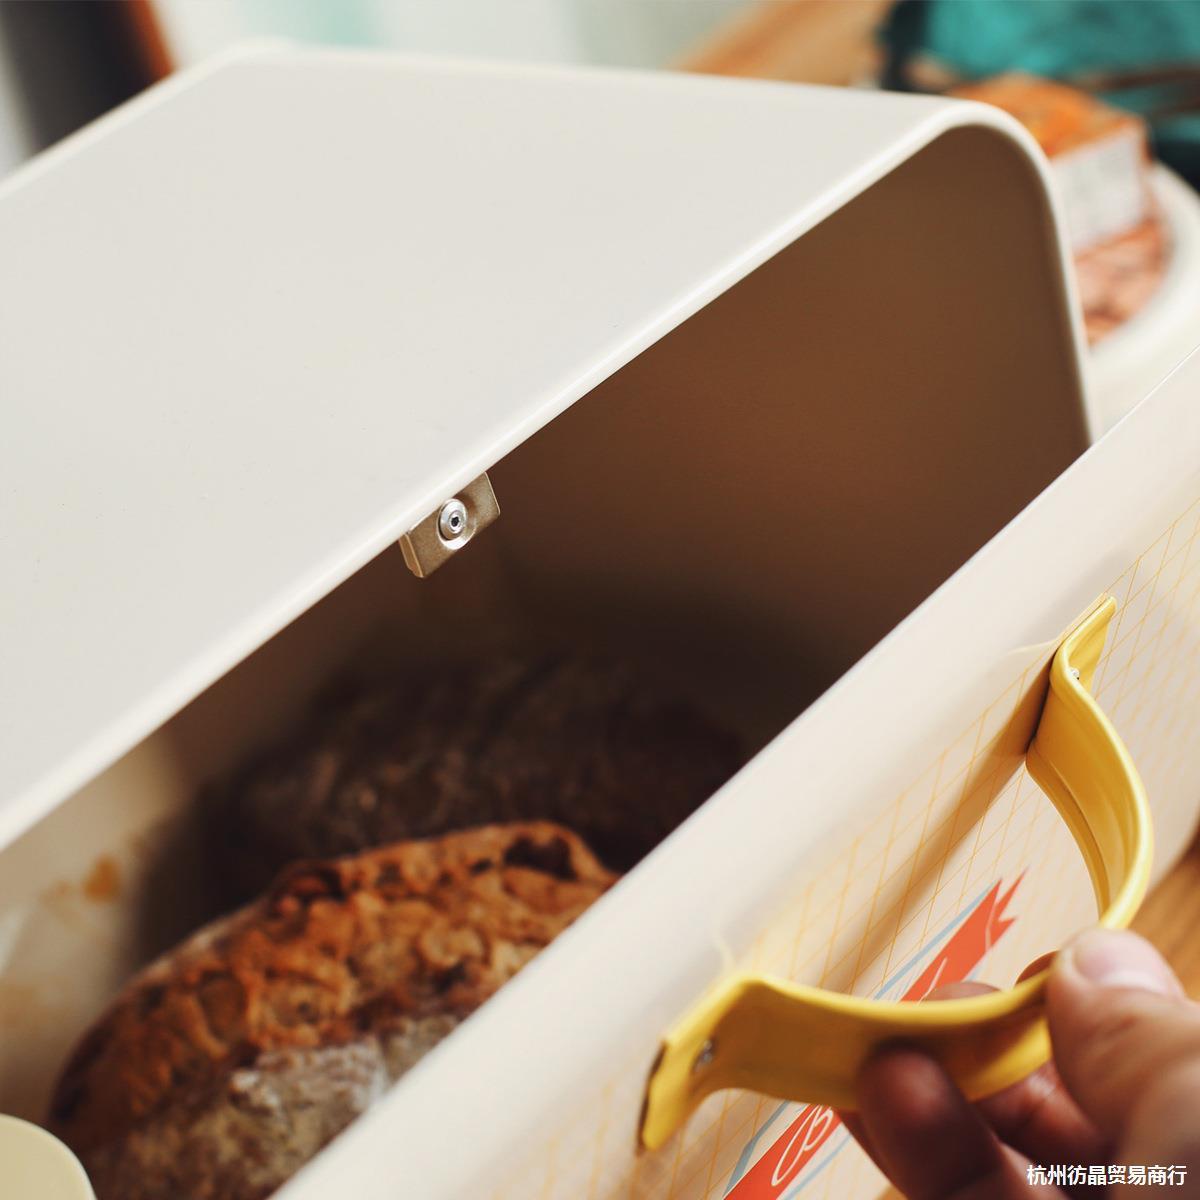 面包箱敲击桌面。零食厨房简约北欧盖置物盒烘焙掀收纳箱明亮铁皮